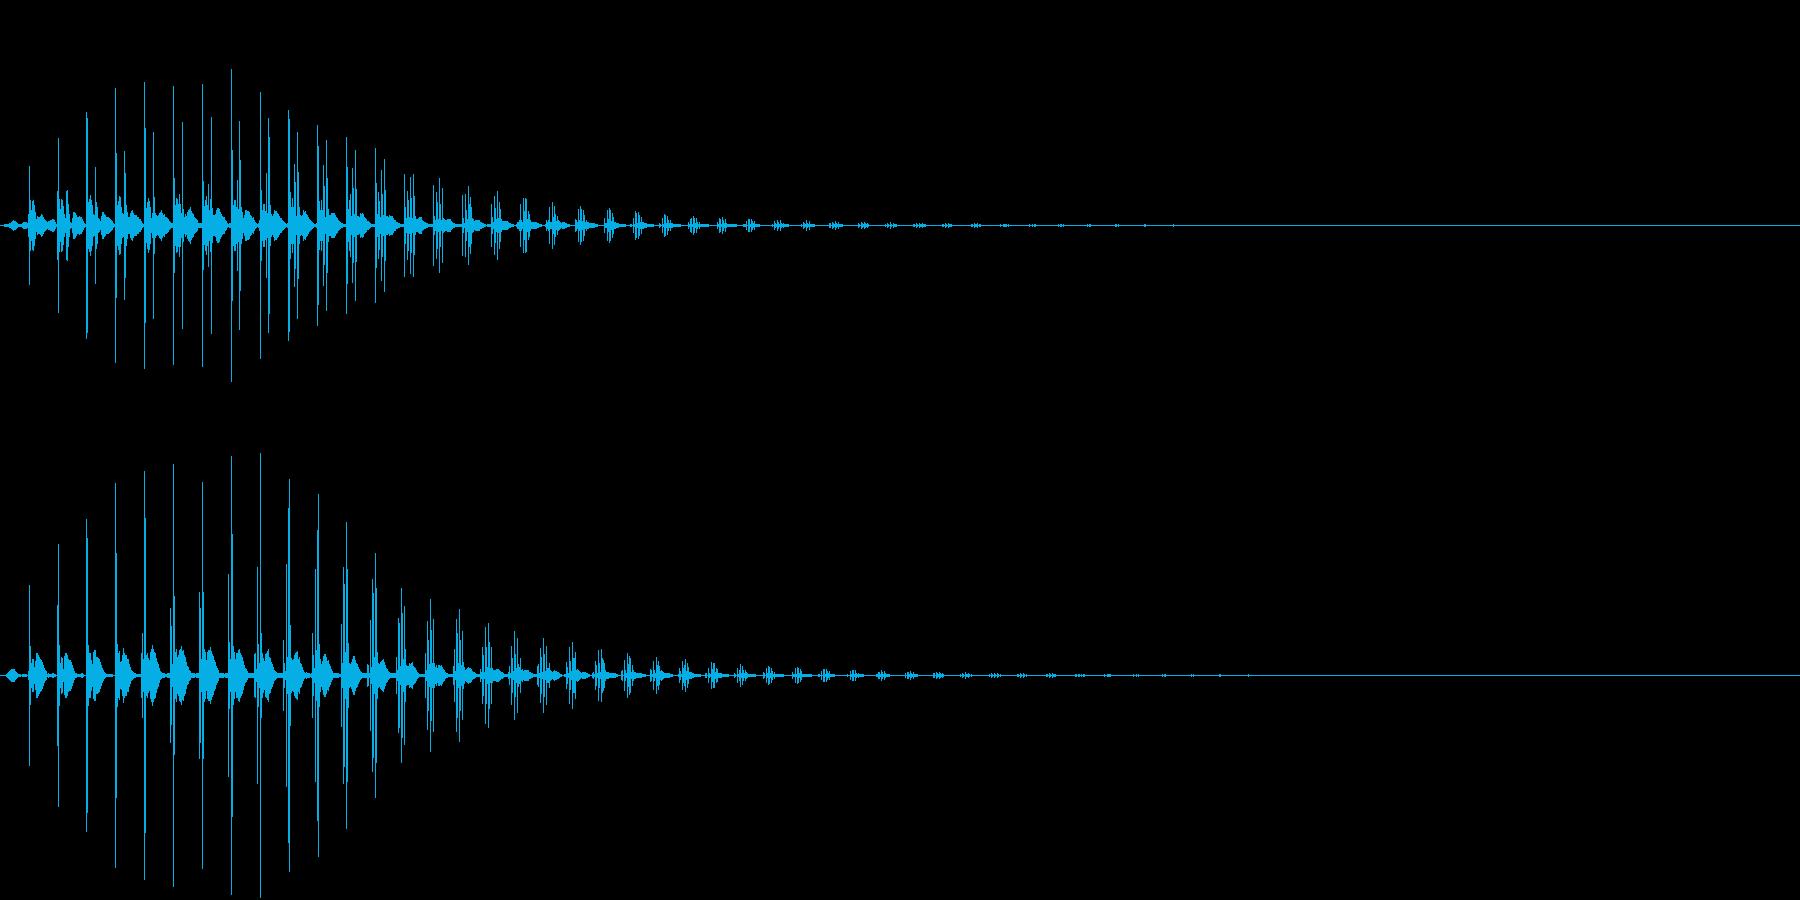 SF CinemaFX 未来の機械音の再生済みの波形